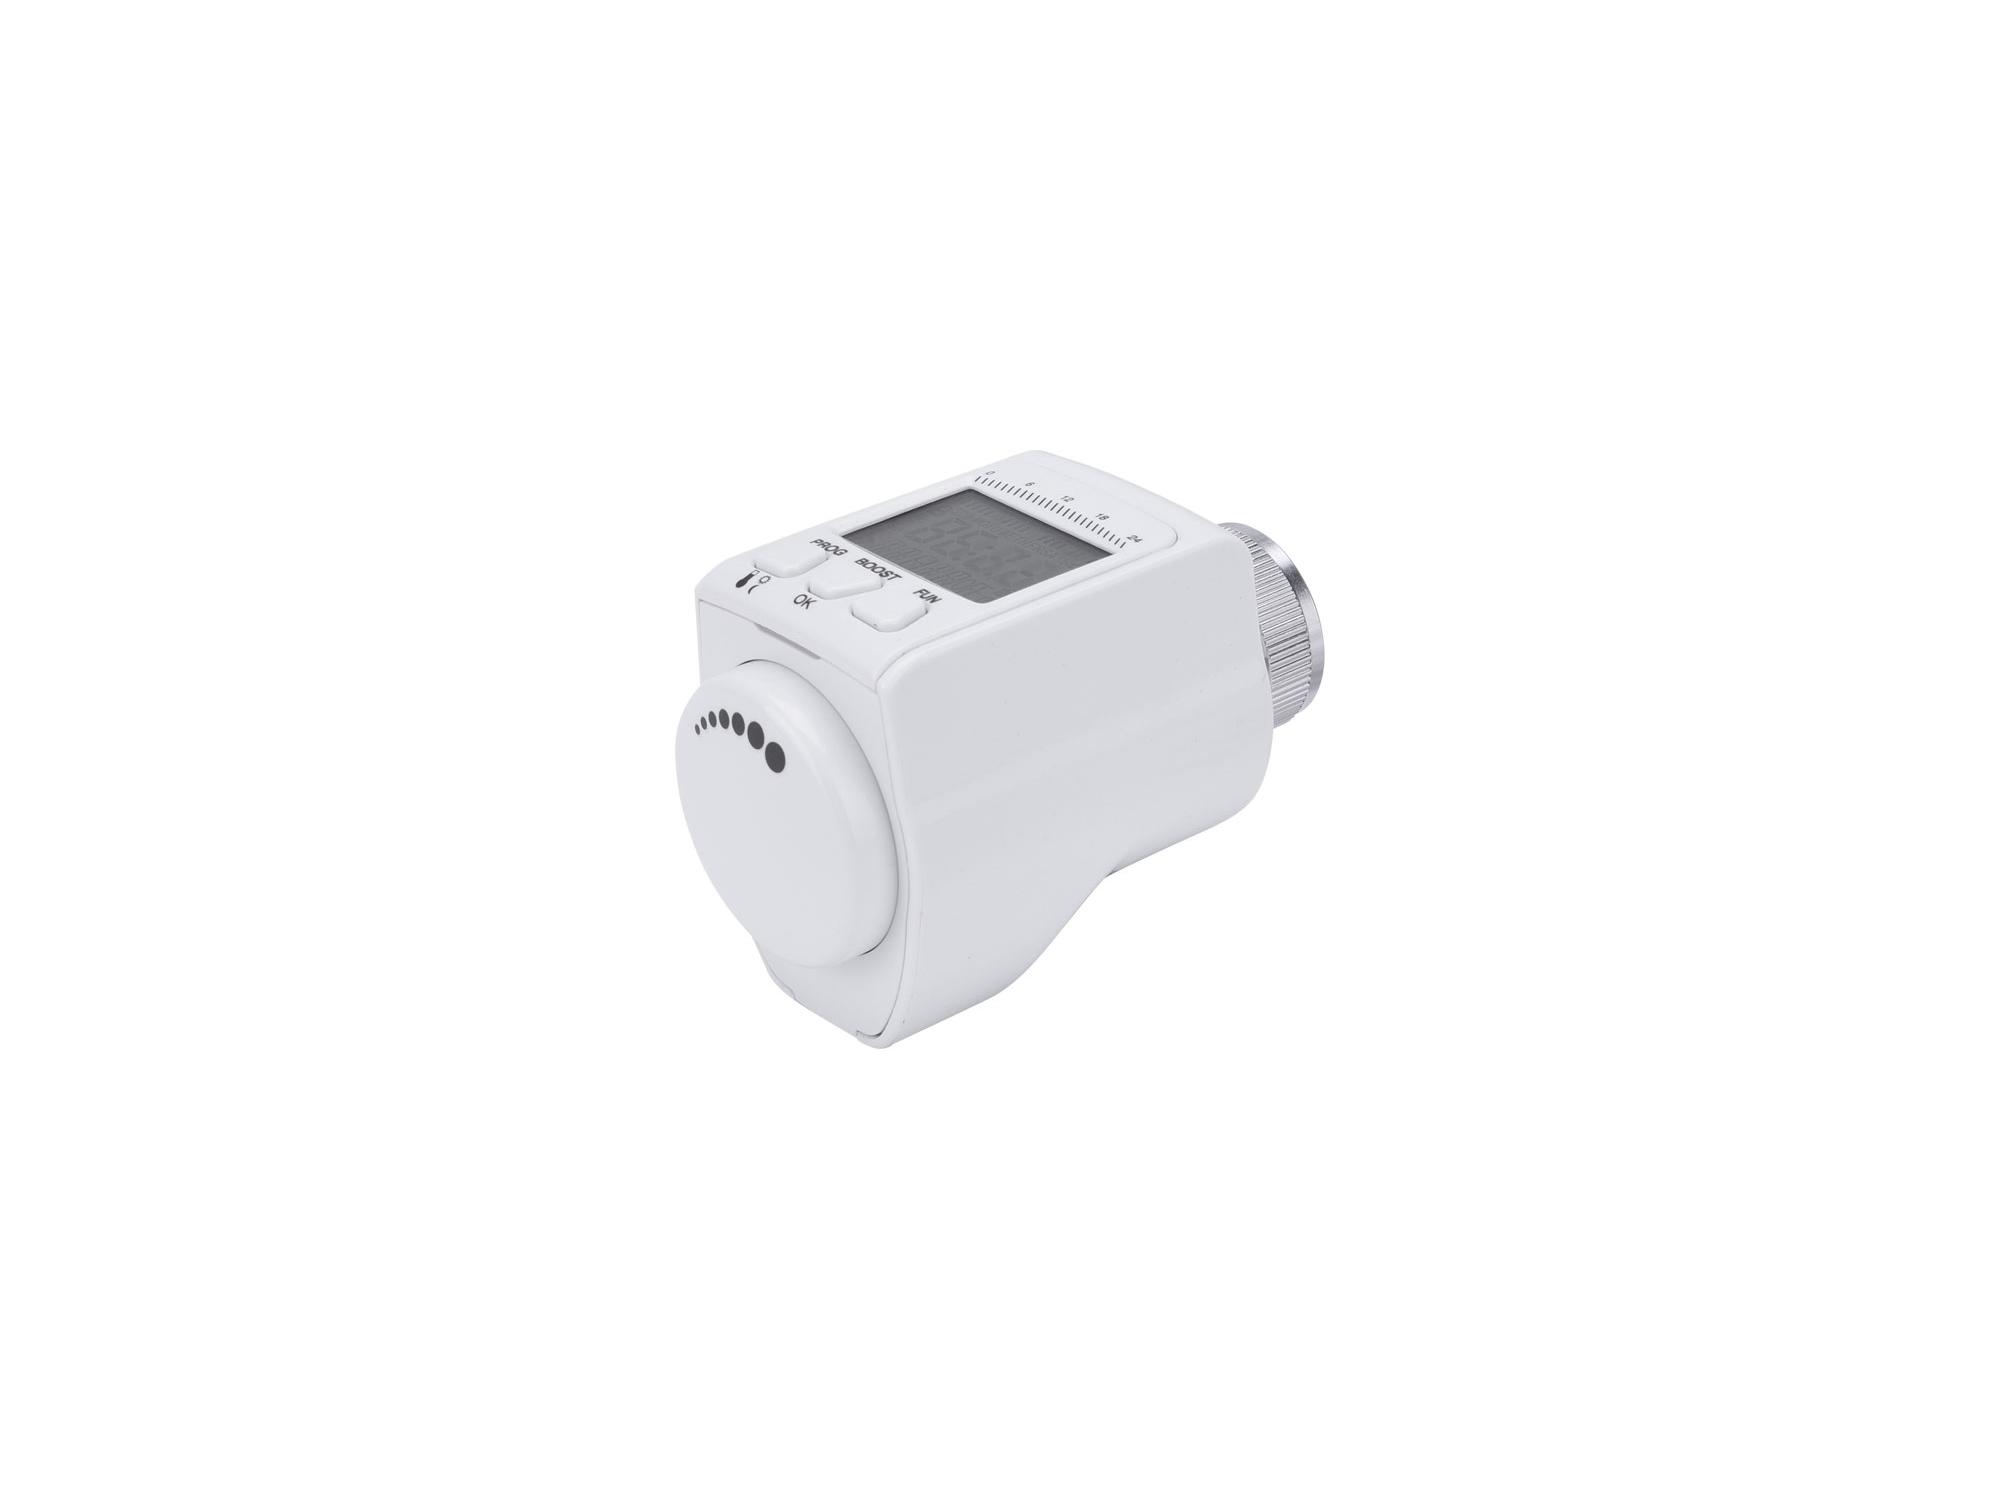 hlavice termostatická pro radiátor, programovatelná, EXTOL LIGHT 43830